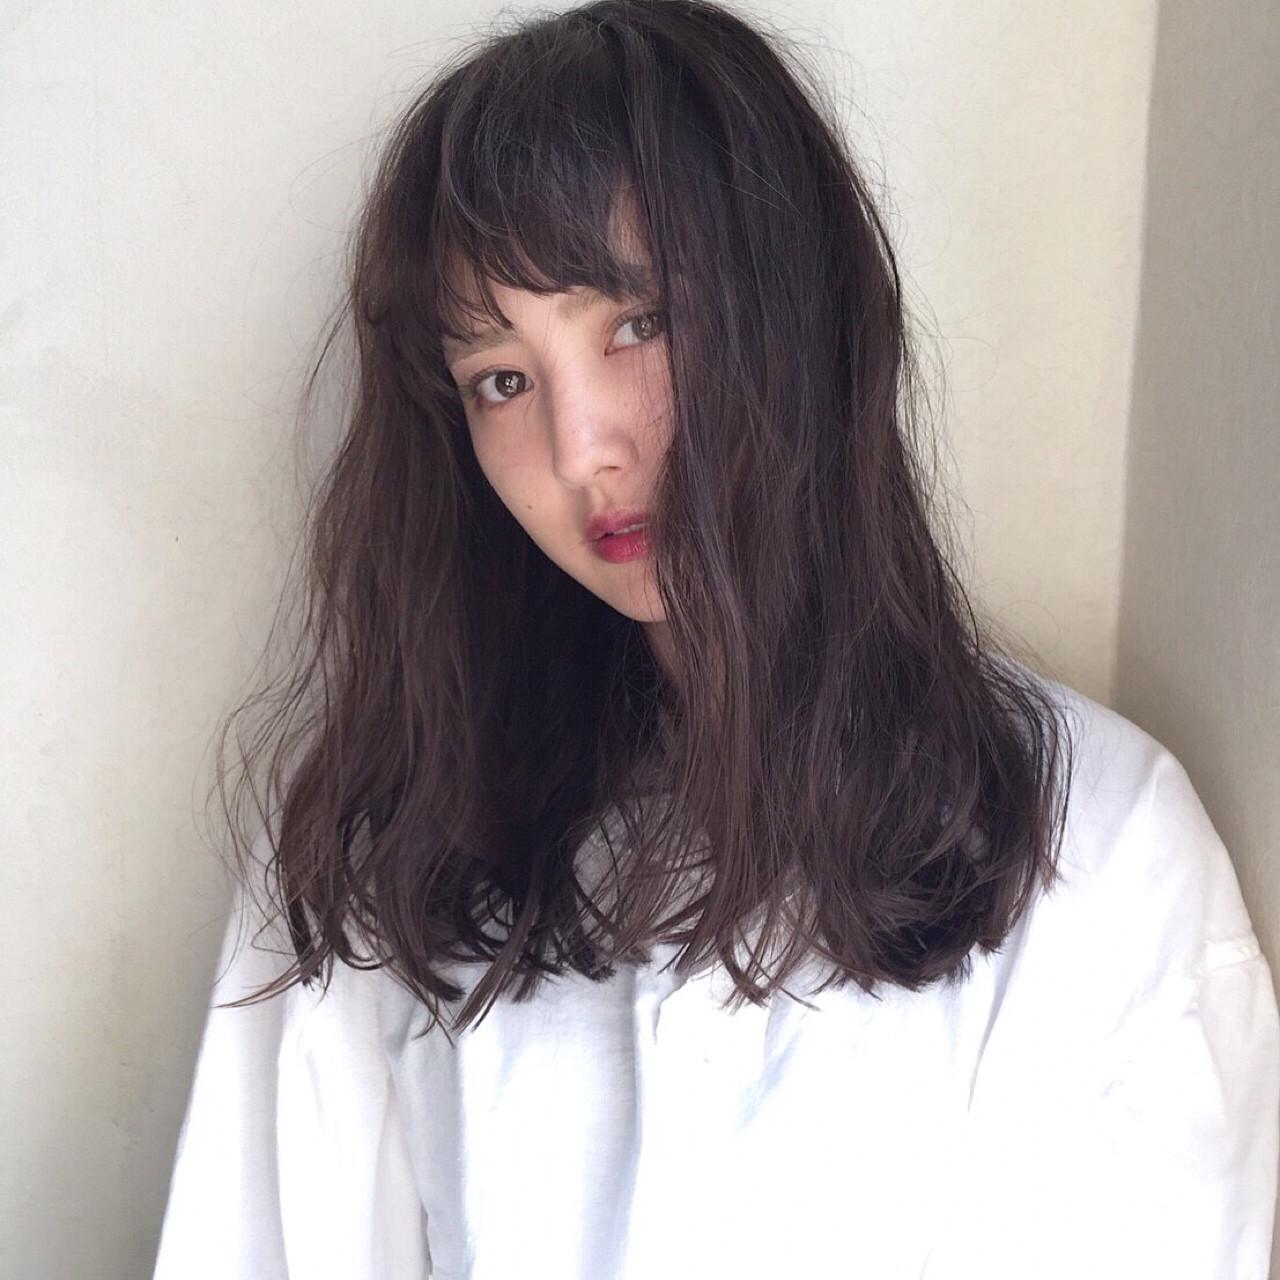 ラフ ナチュラル ウェーブ セミロング ヘアスタイルや髪型の写真・画像